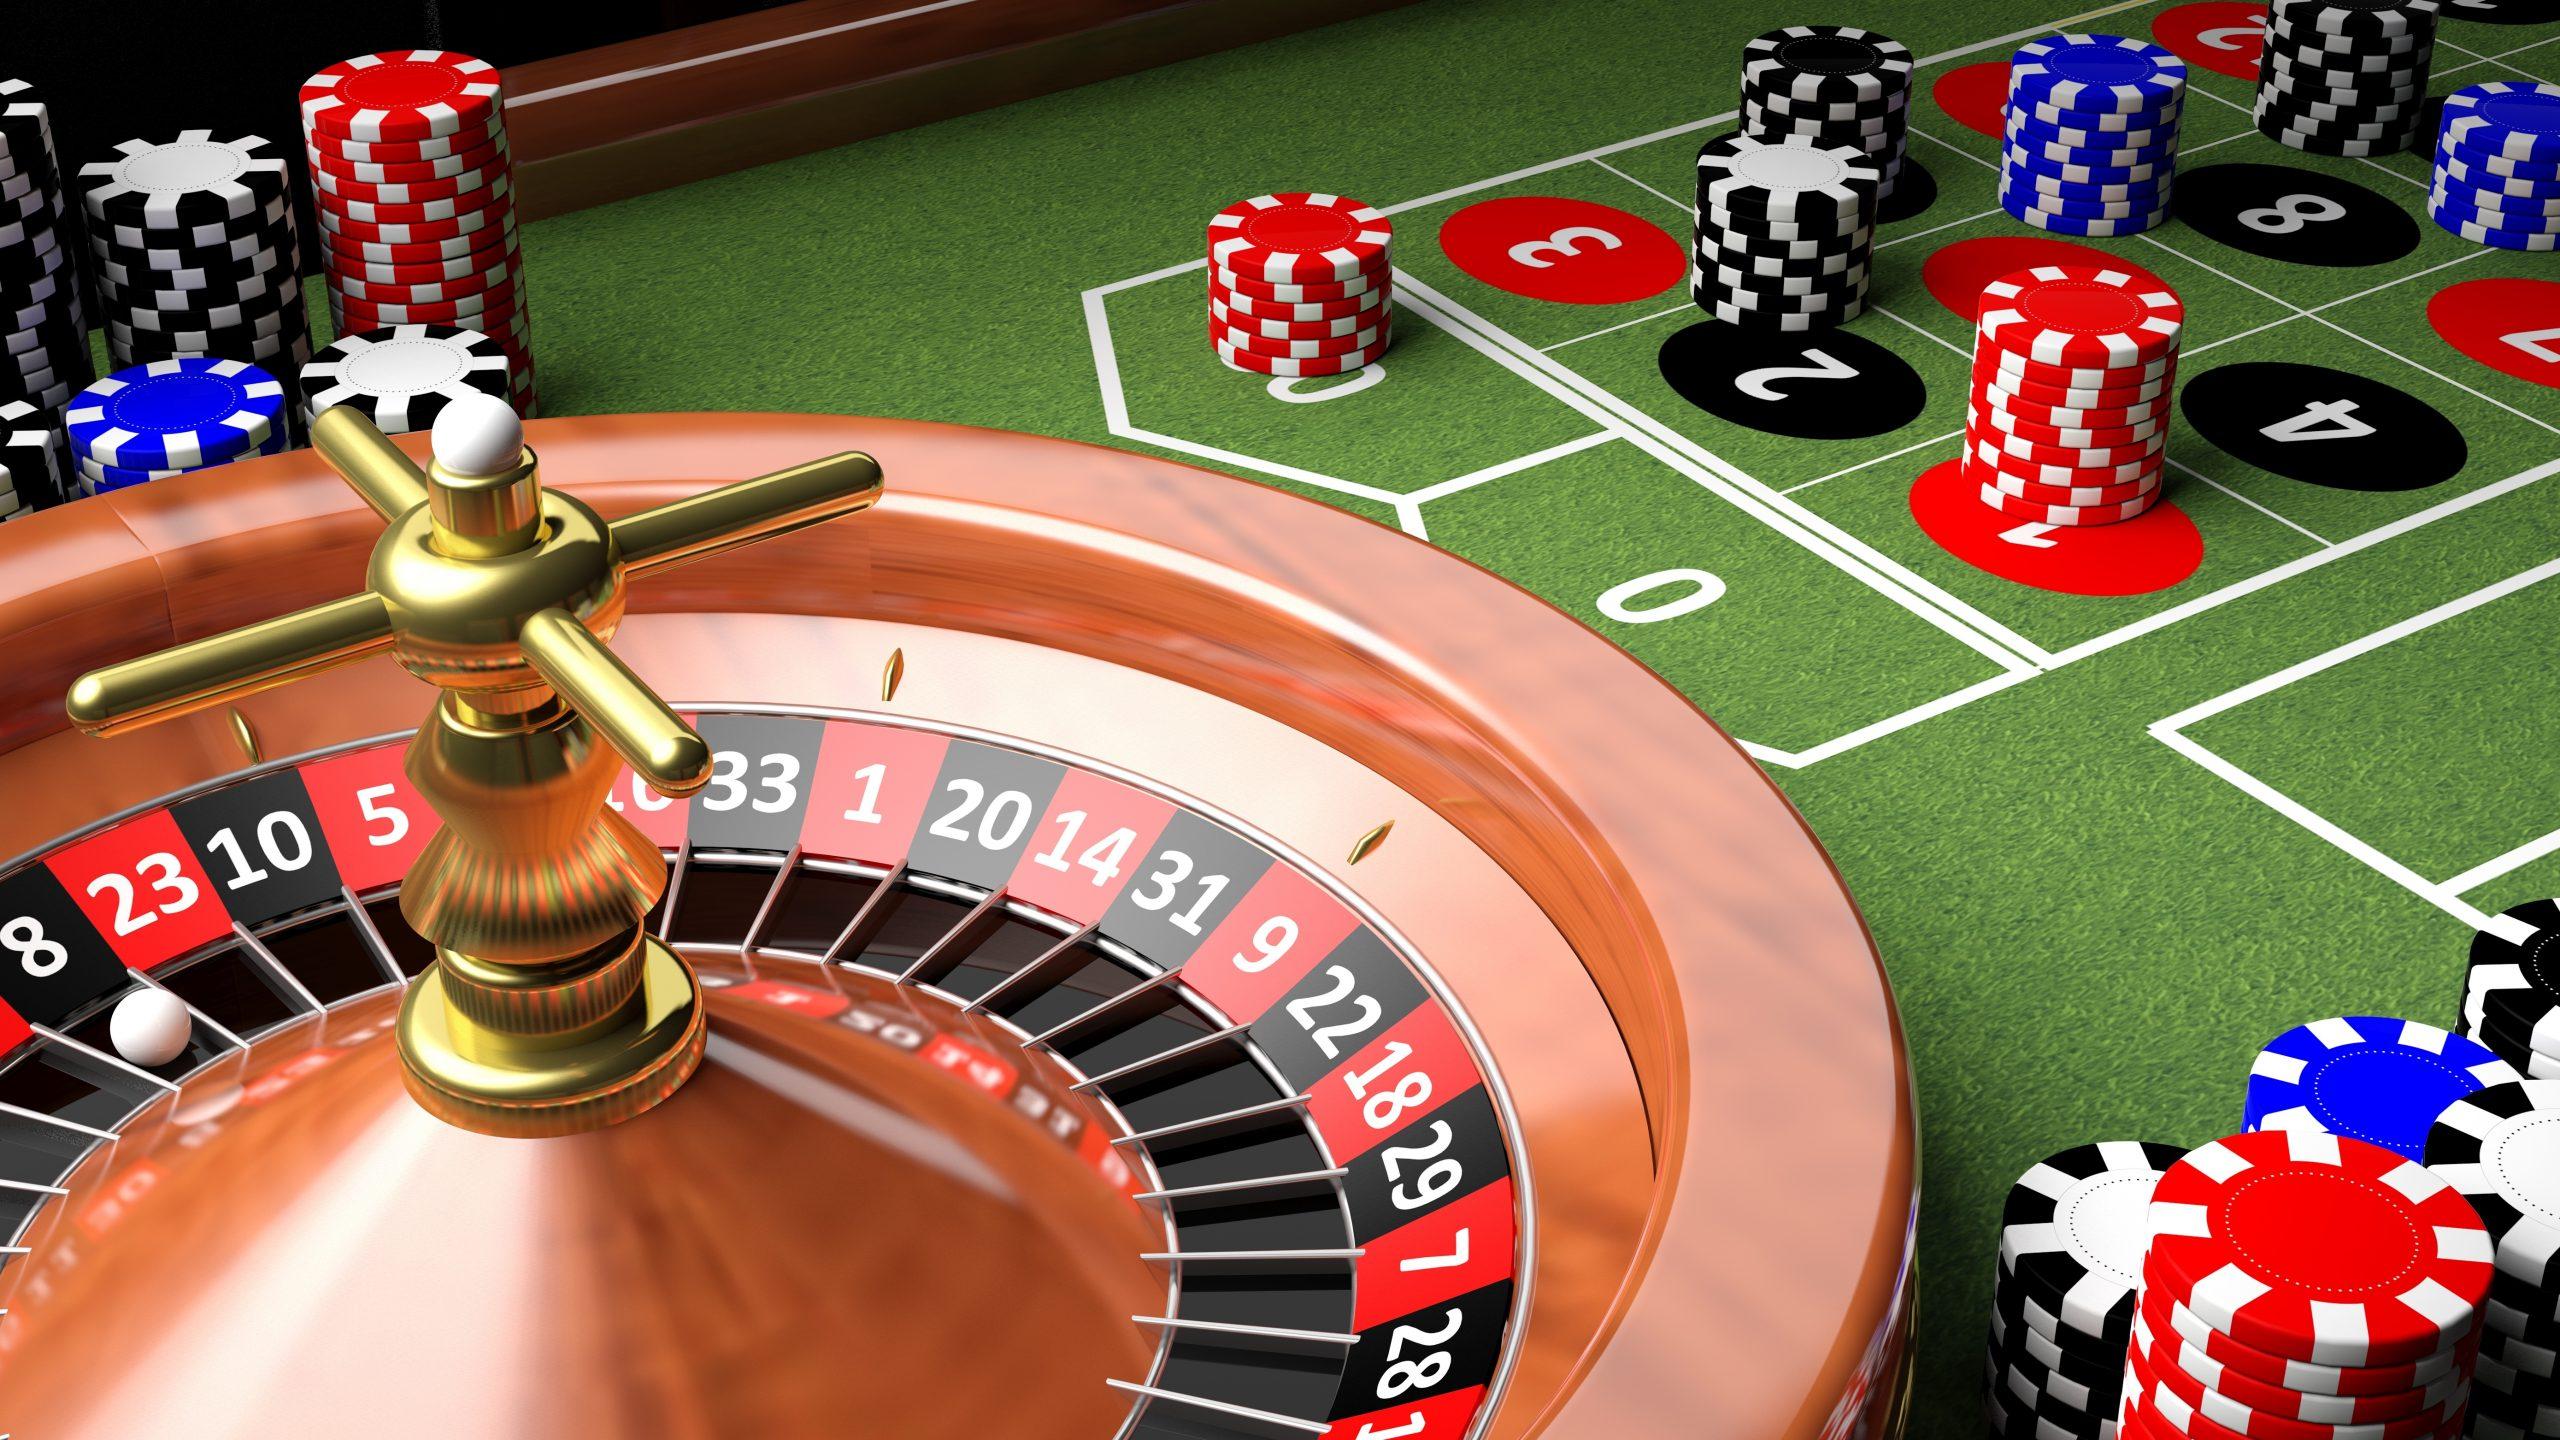 Casino En Ligne : Jouer Gratuitement Pour Le Fun serapportantà Jeux Pour Jouer Gratuitement